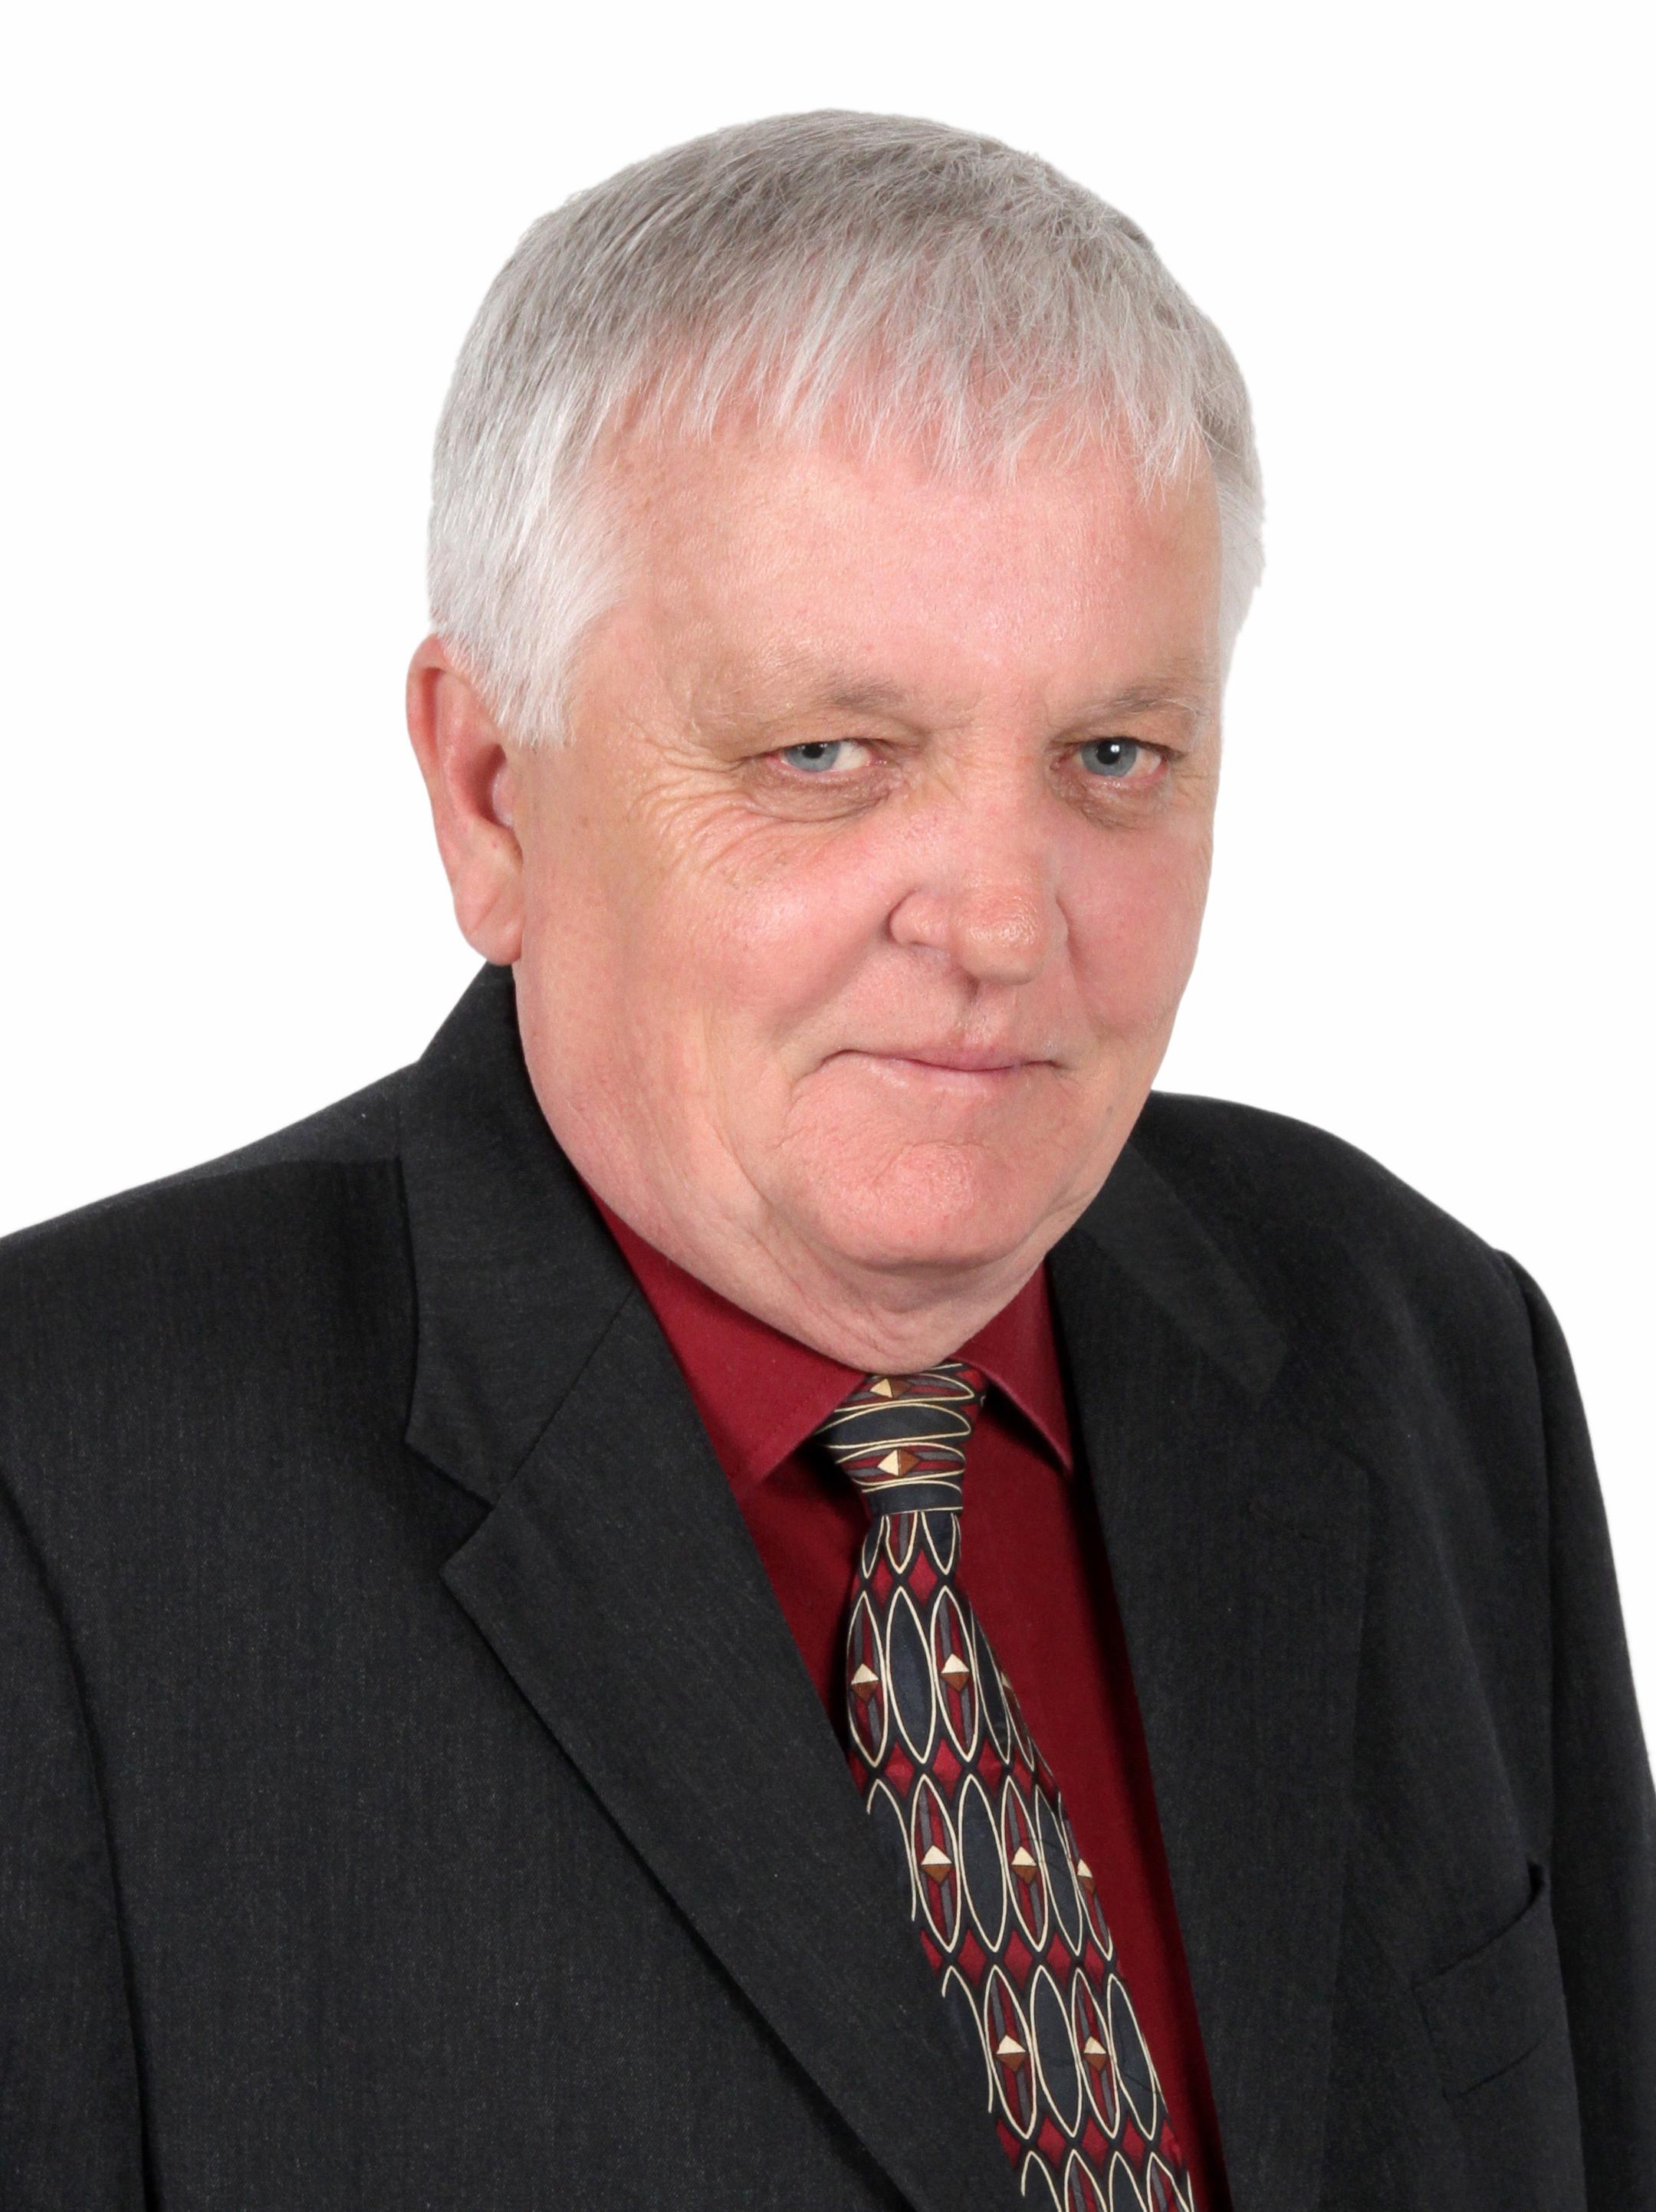 Peter Corey